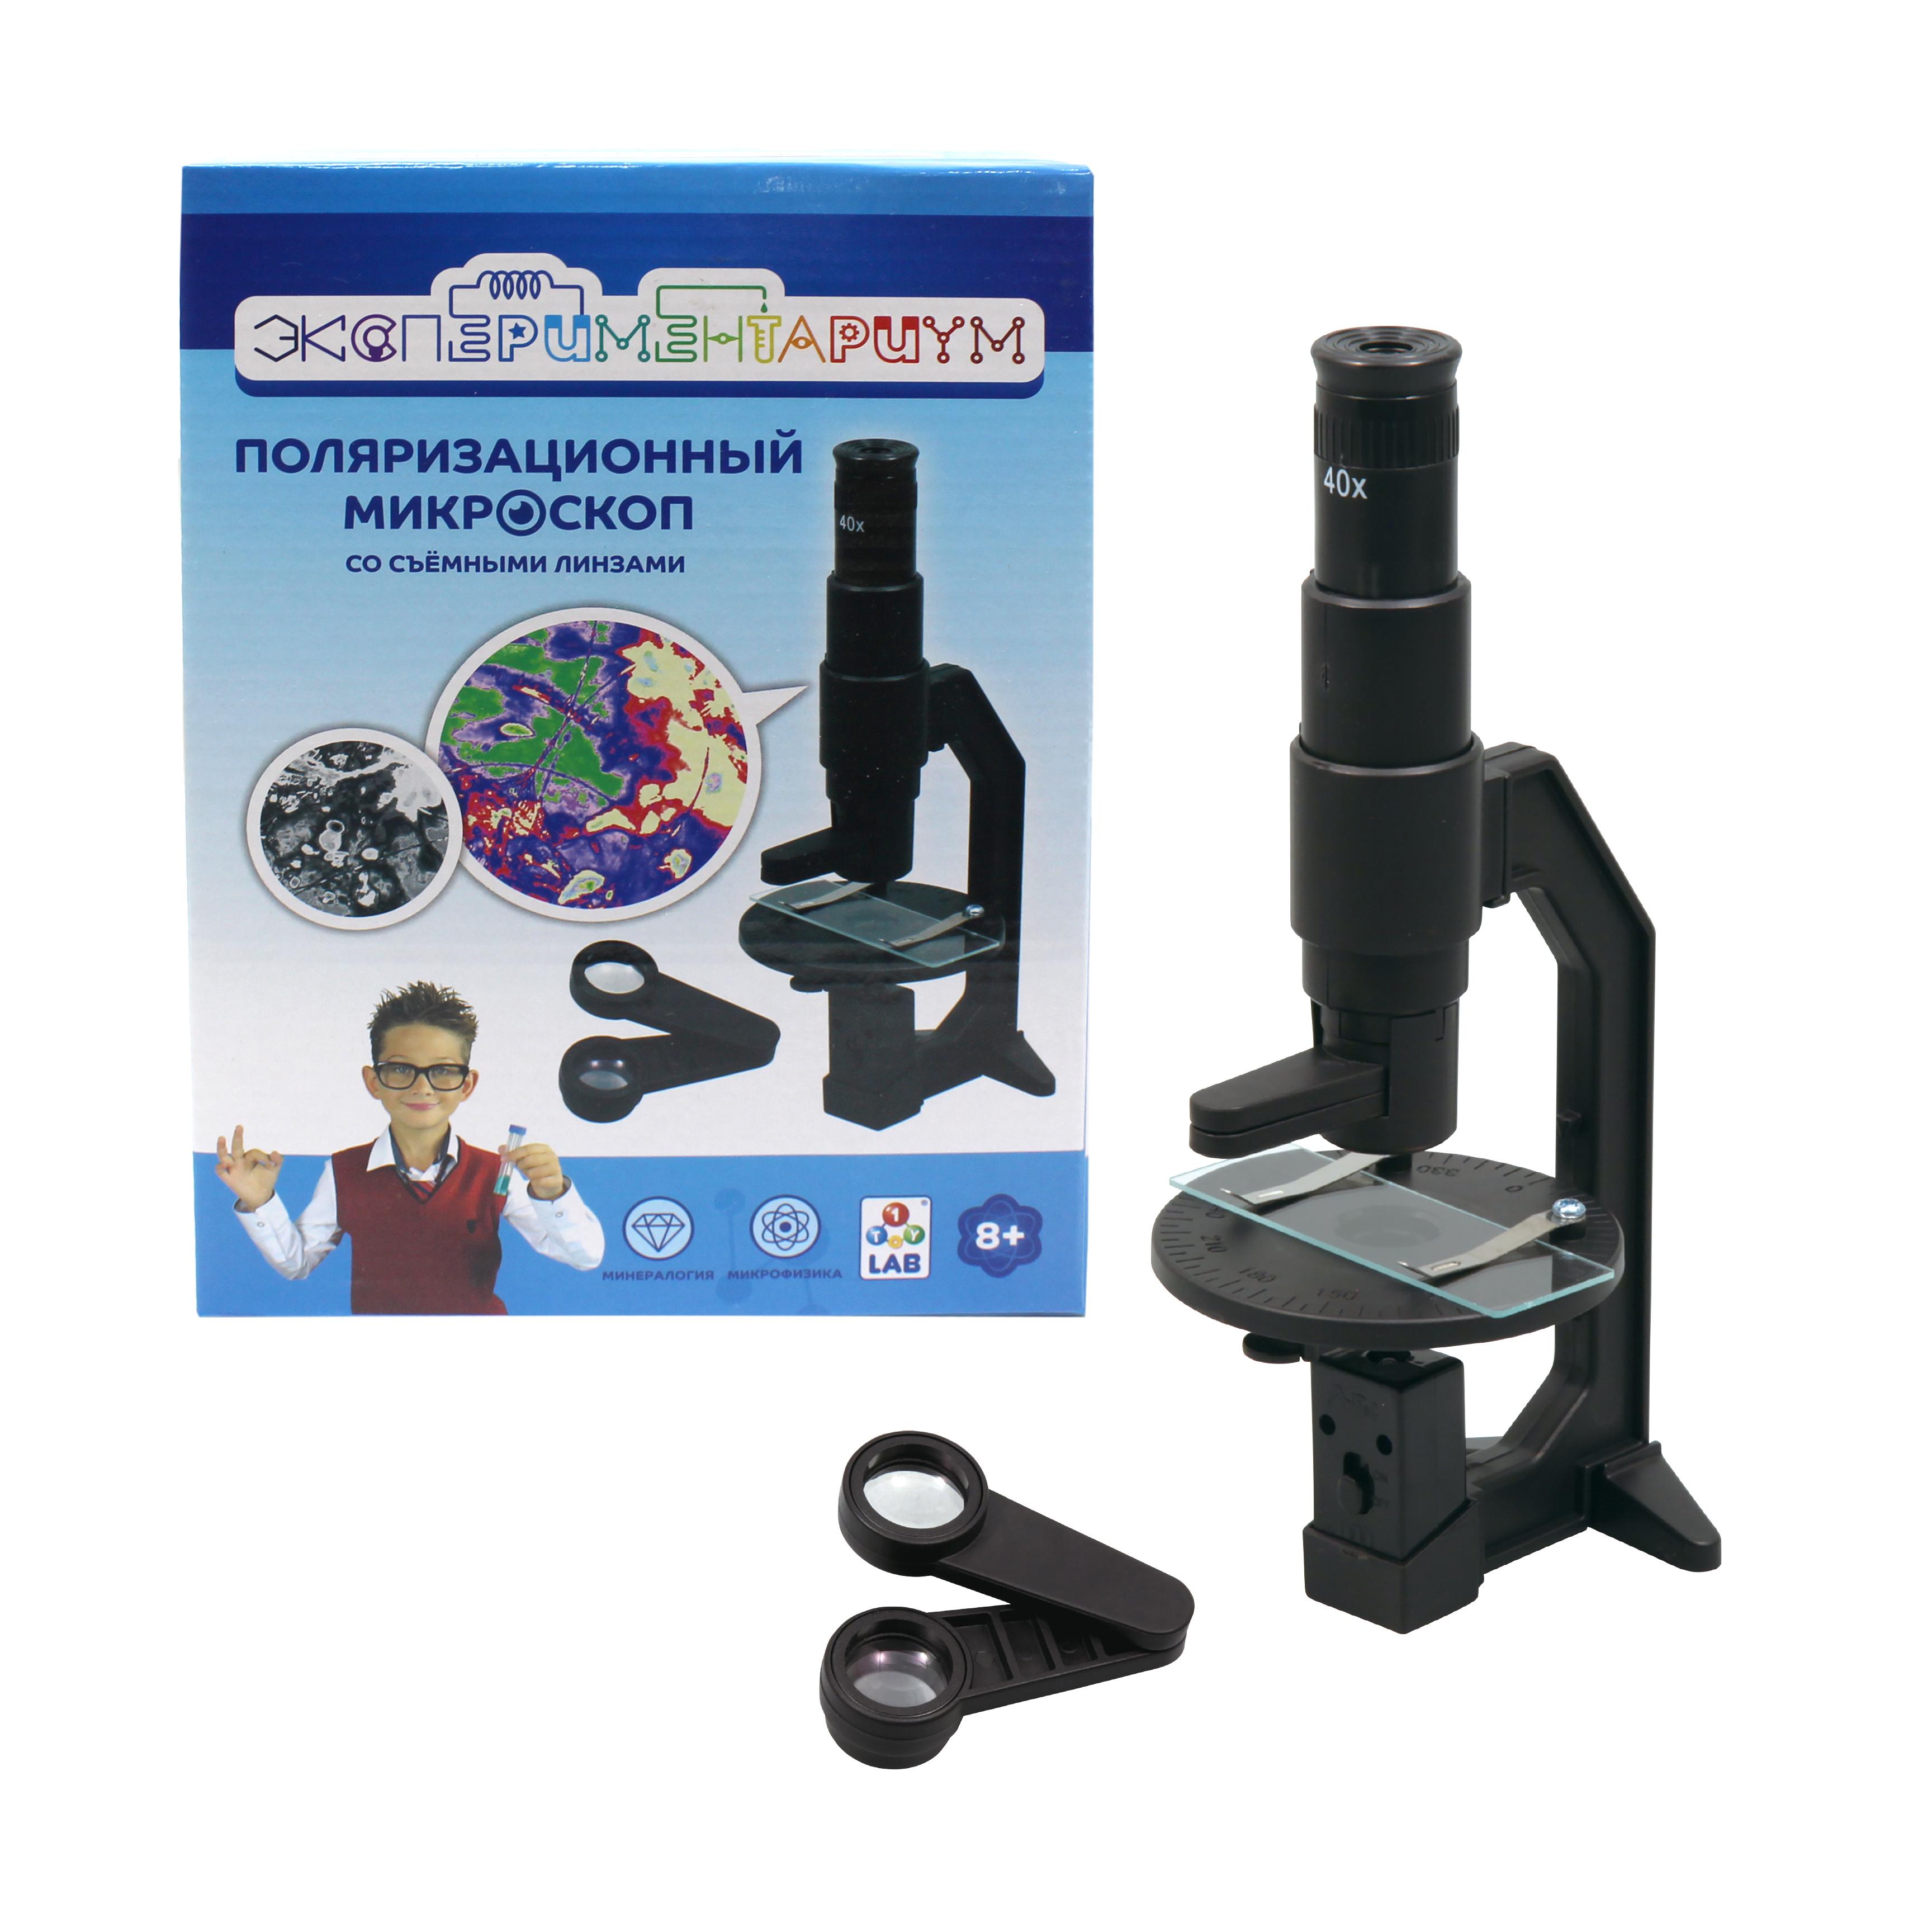 лучшая цена Набор для исследований 1toy Экспериментариум - Поляризационный микроскоп Т14061